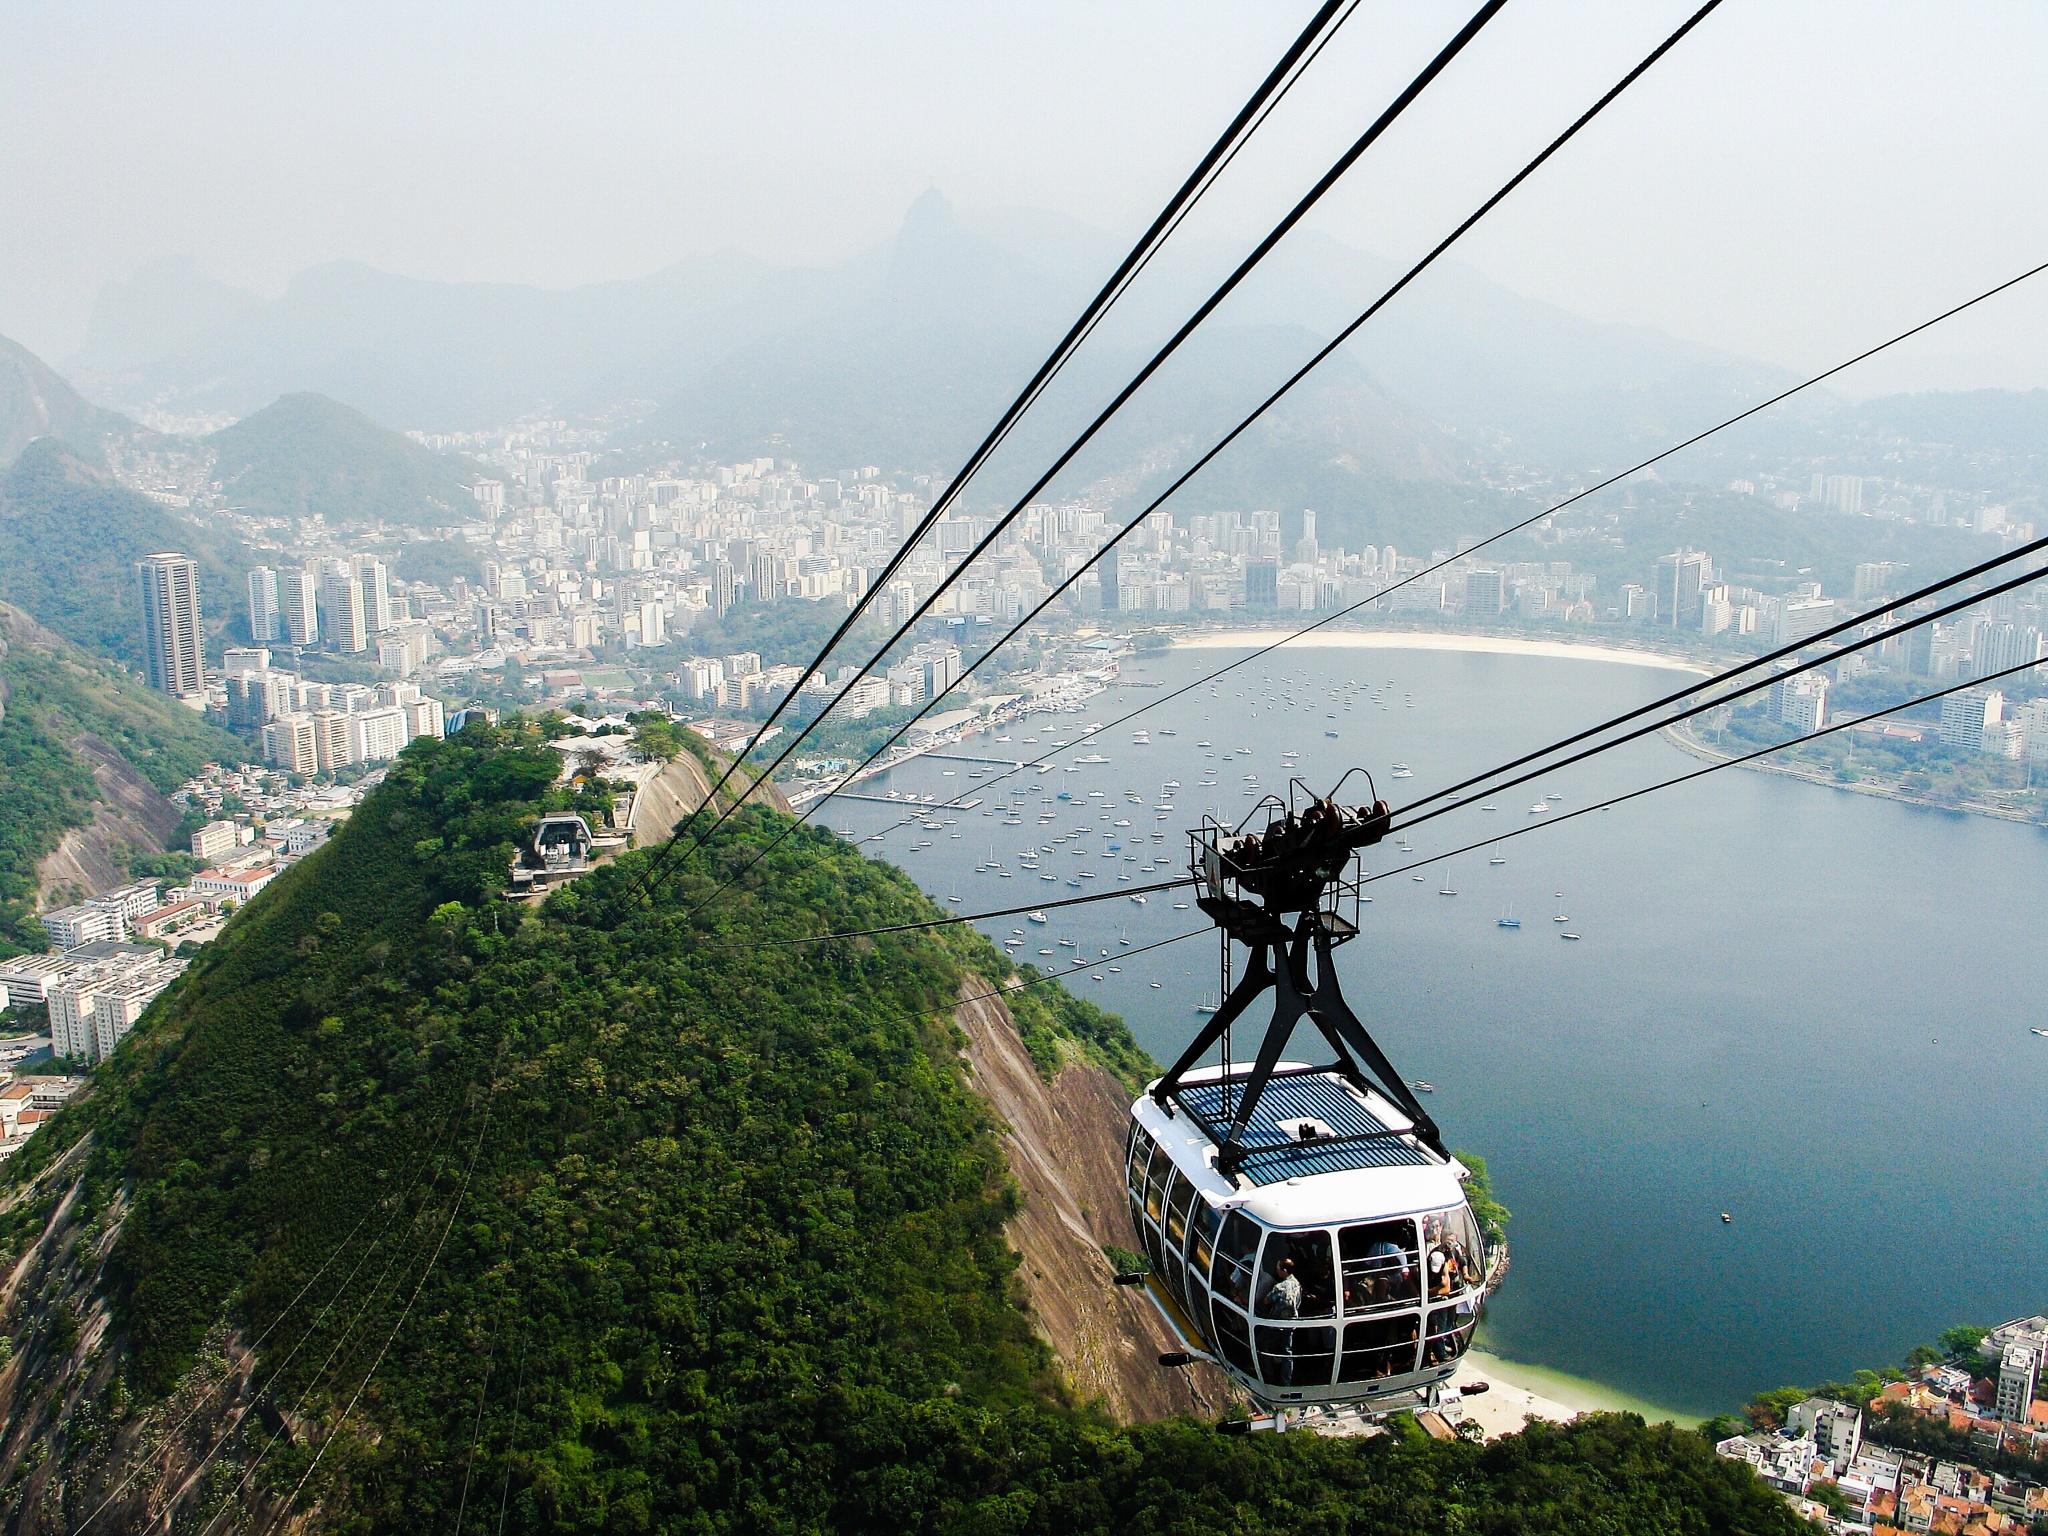 Pao de Acucar Rio de Janeiro by Adi Gli